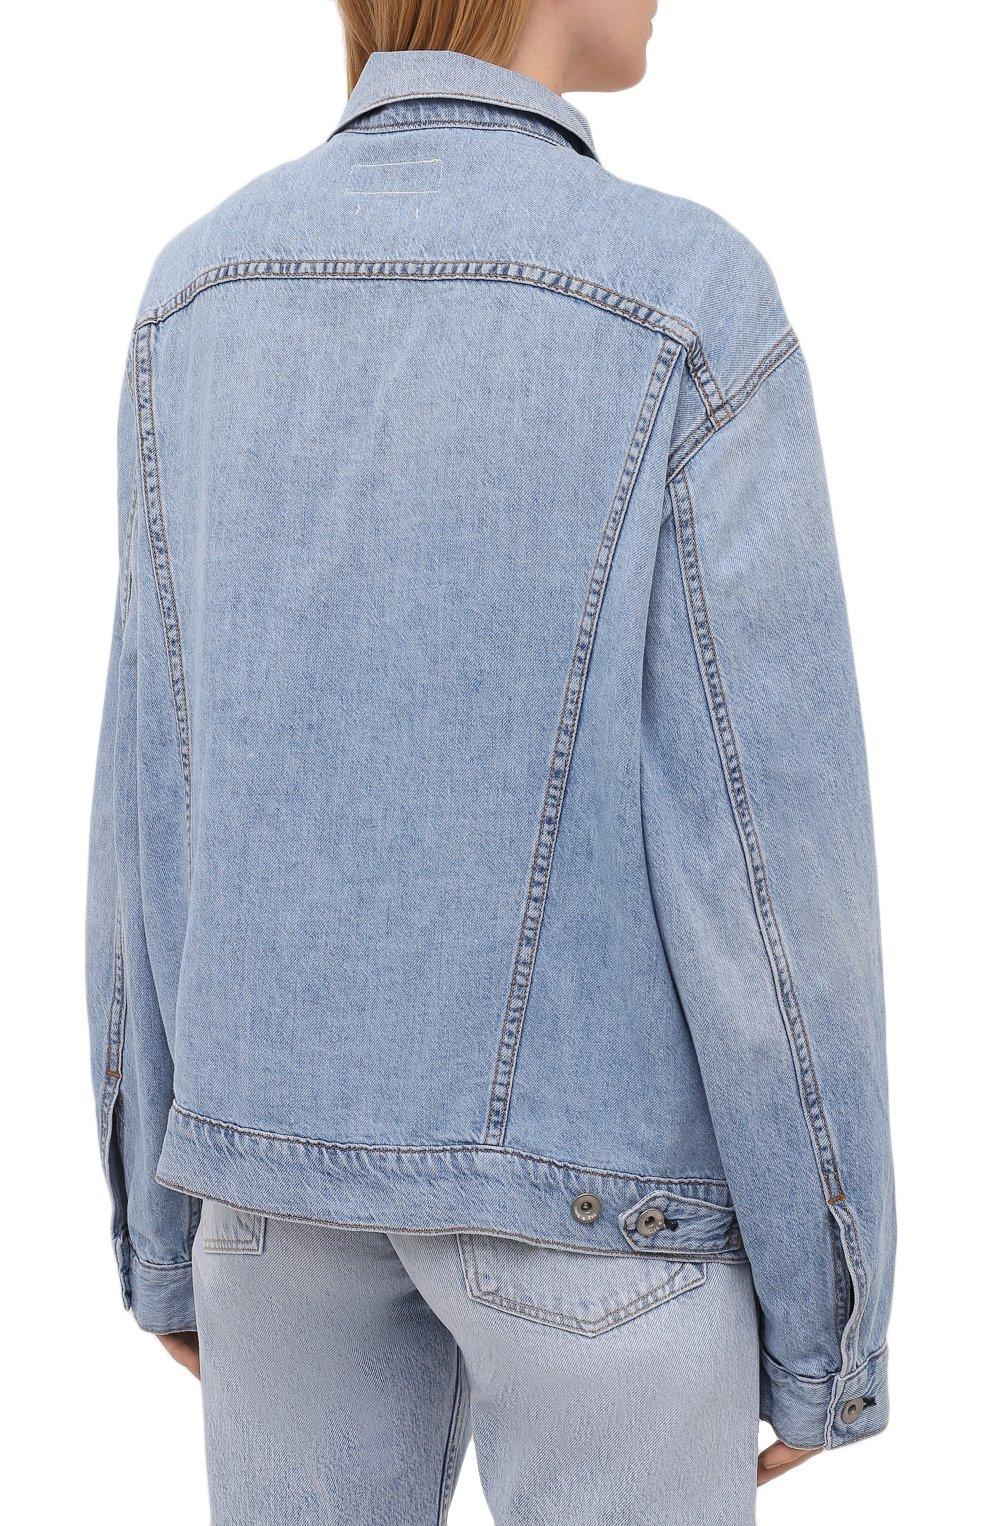 Женская джинсовая куртка RAG&BONE синего цвета, арт. WDD21P1428KSLL | Фото 4 (Кросс-КТ: Куртка, Деним; Рукава: Длинные; Стили: Гранж; Материал внешний: Хлопок, Лен; Длина (верхняя одежда): Короткие)